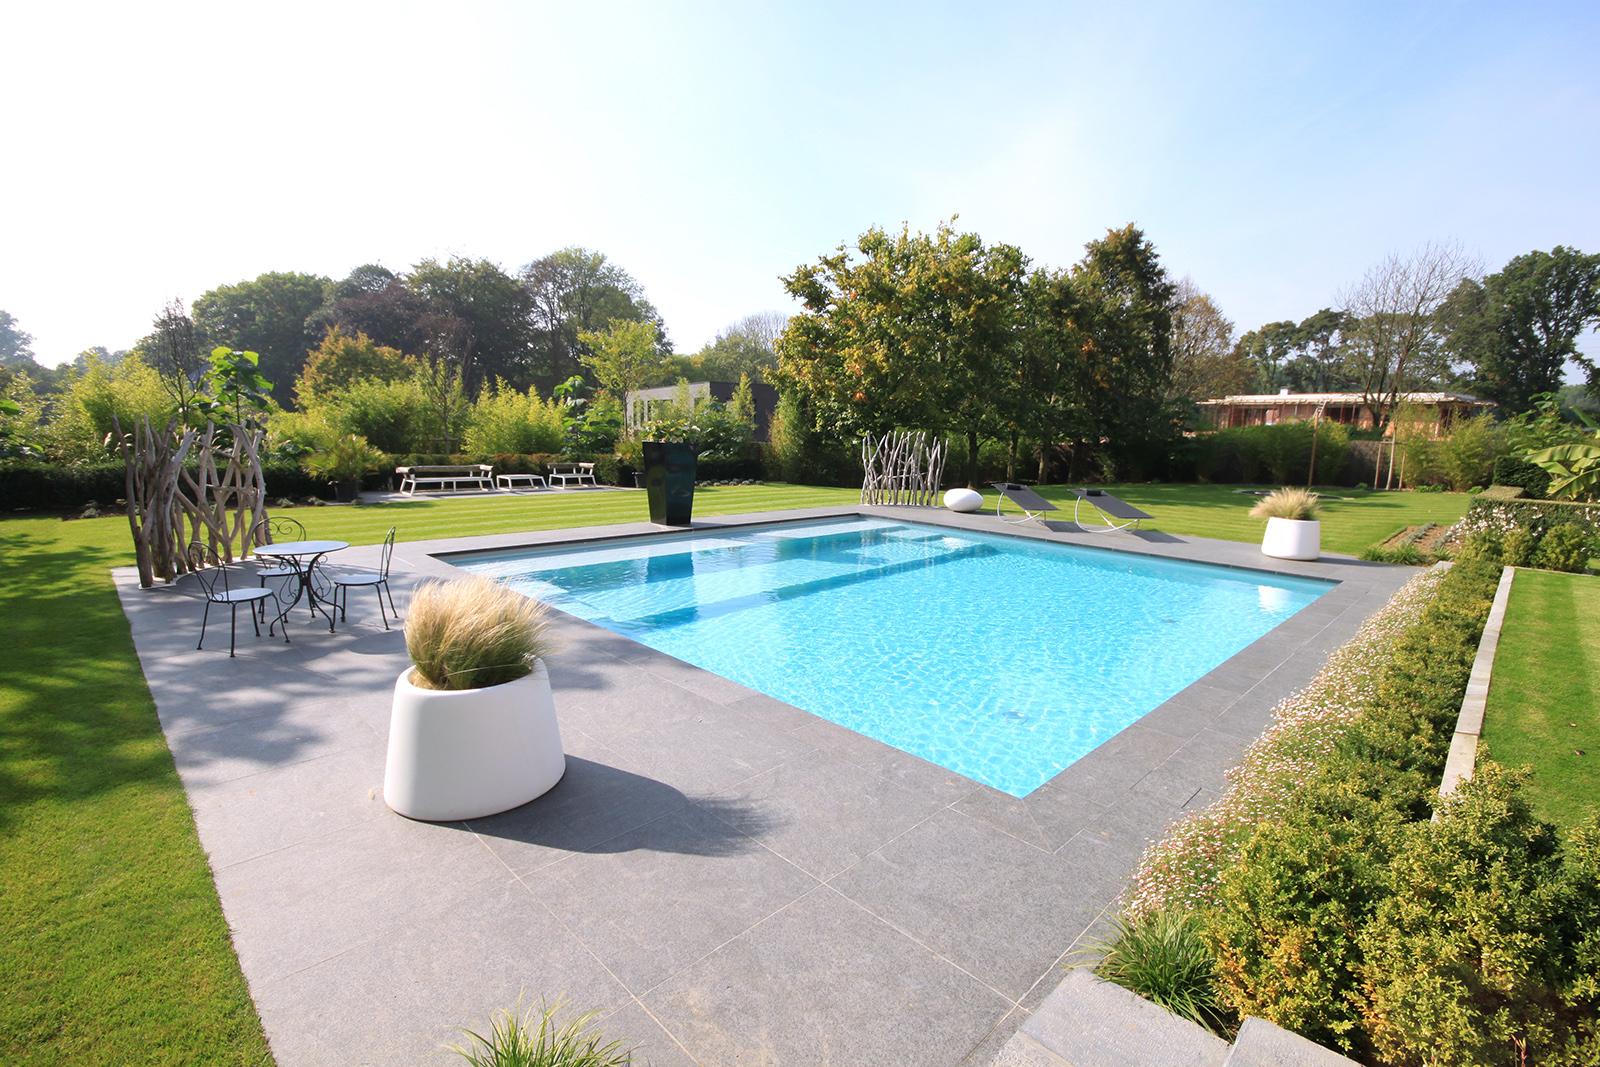 piscine extérieure carrée st brieuc